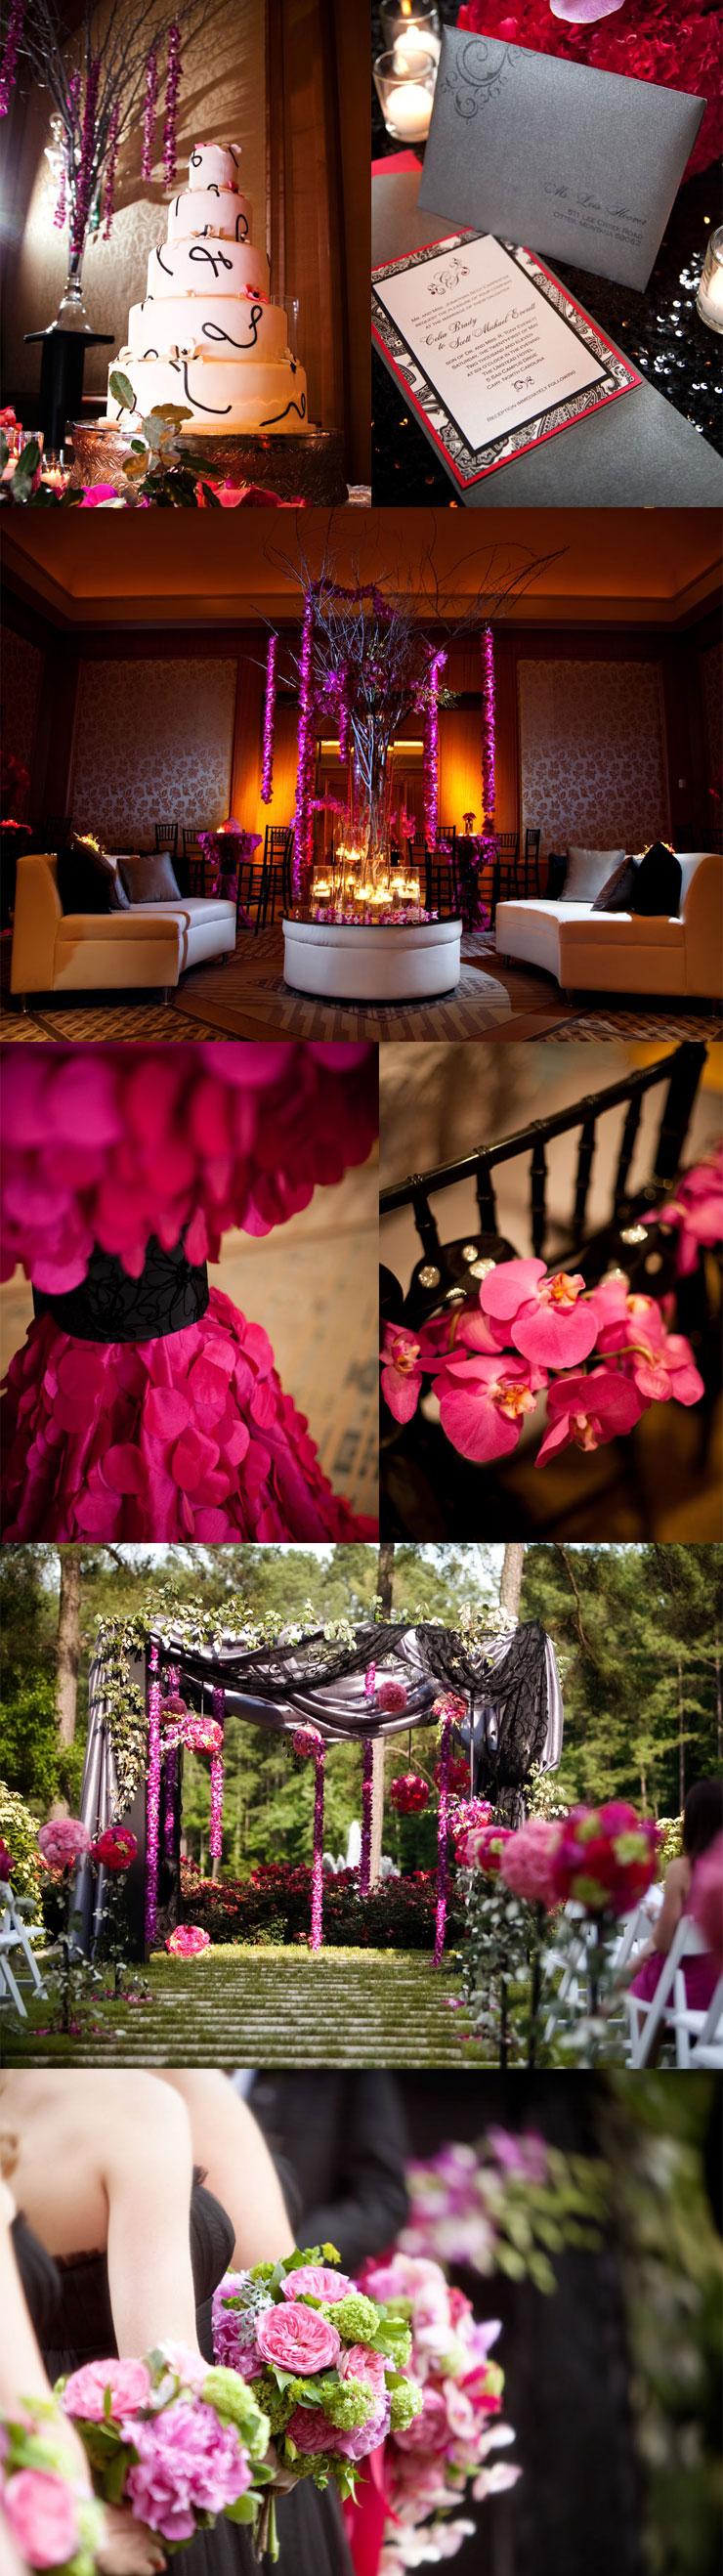 umstead hotel wedding | Wedding Ideas | Pinterest | Hotel Wedding ...